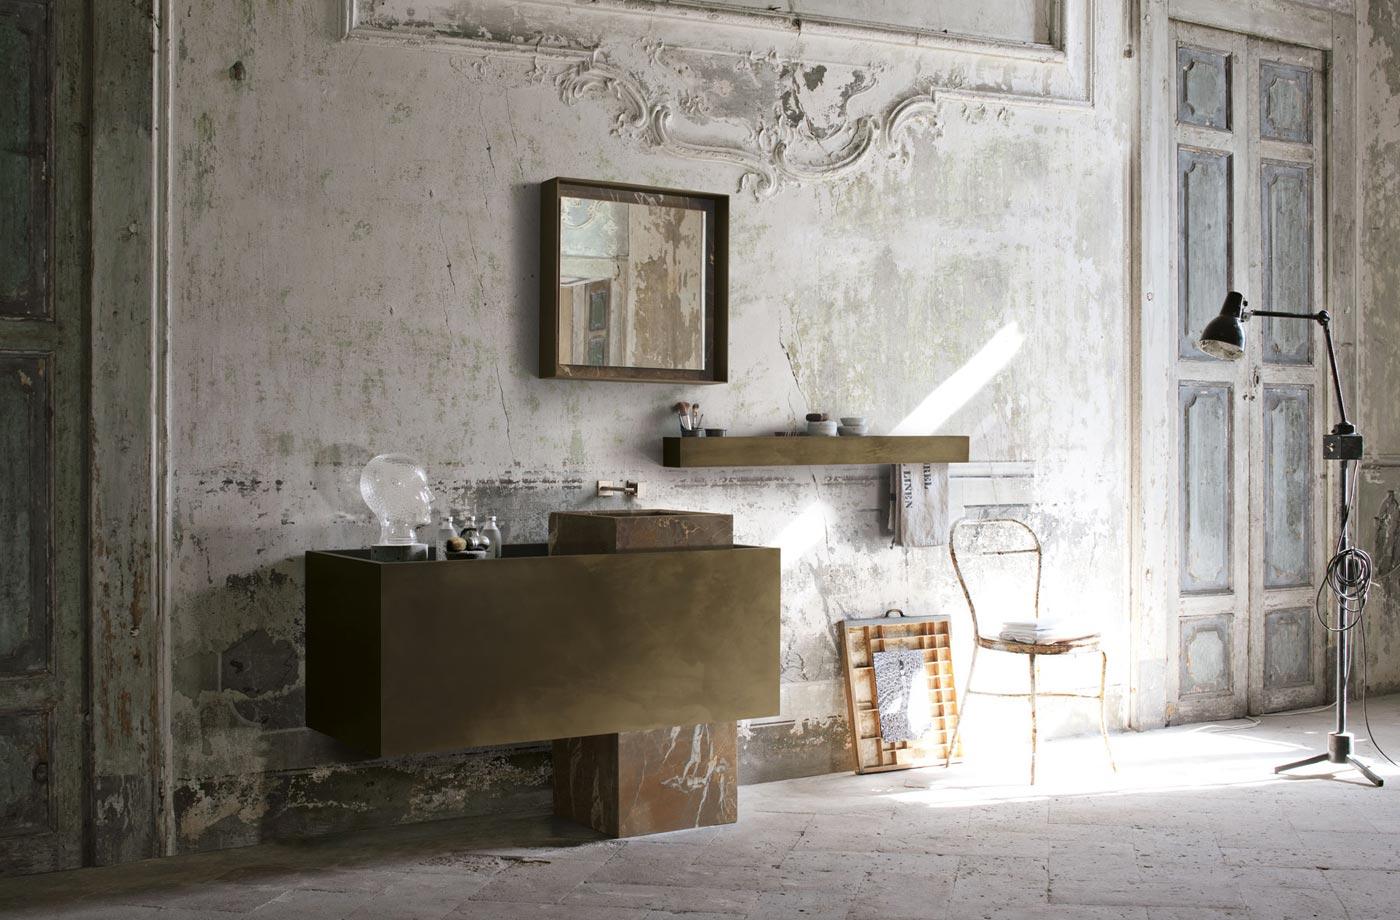 outra ideia de móveis modernos em um banheiro cássico